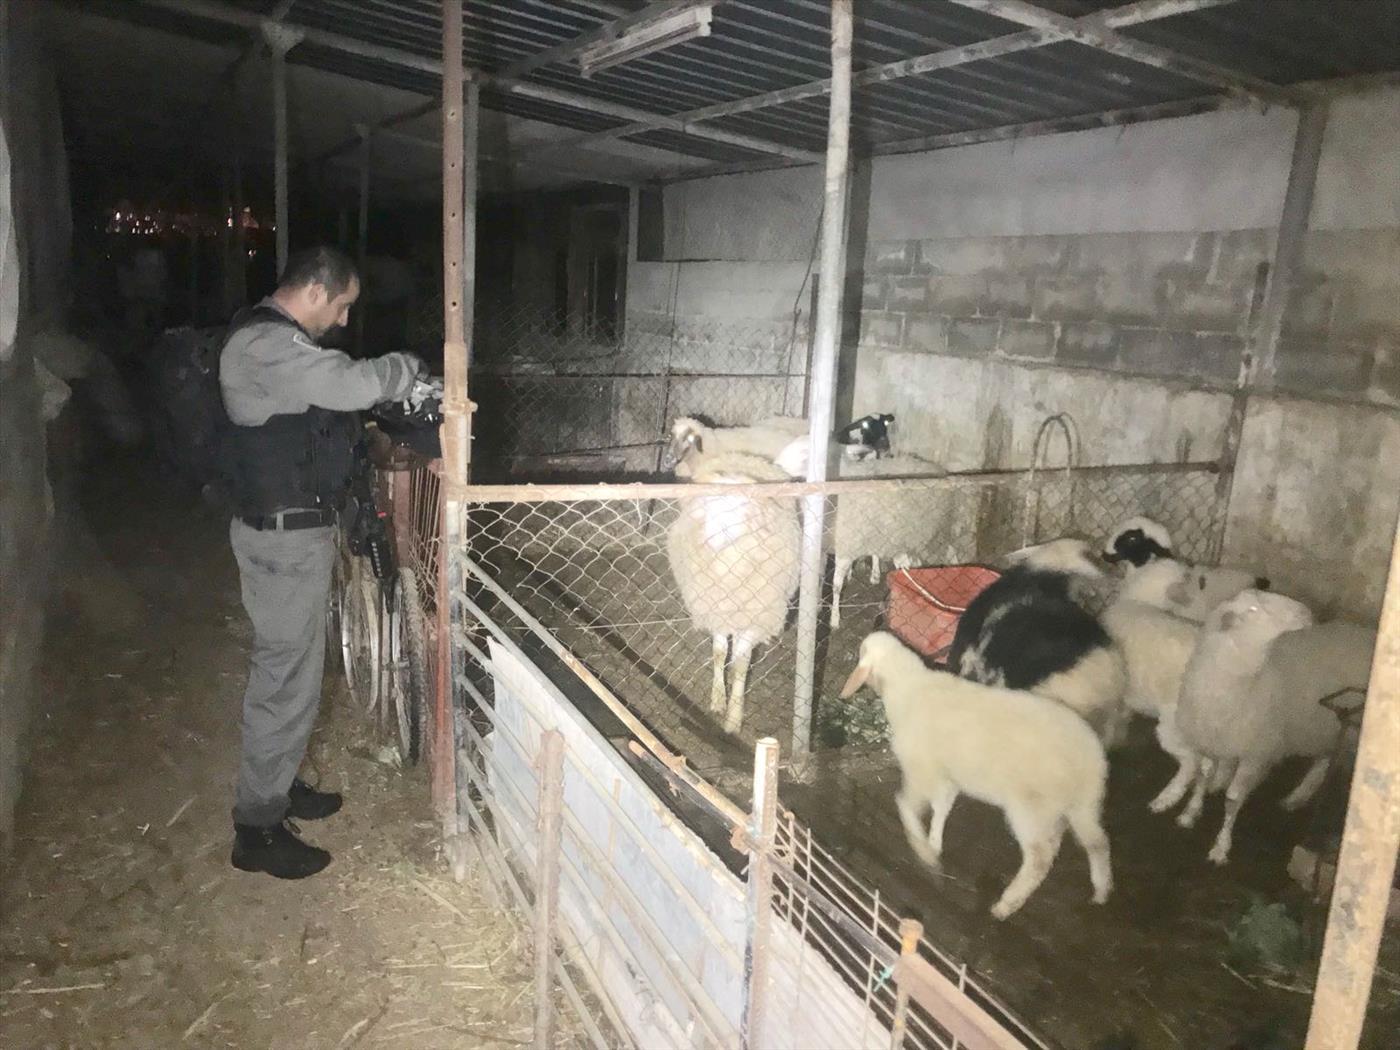 מציאת הכבשים הלילה (דוברות המשטרה)